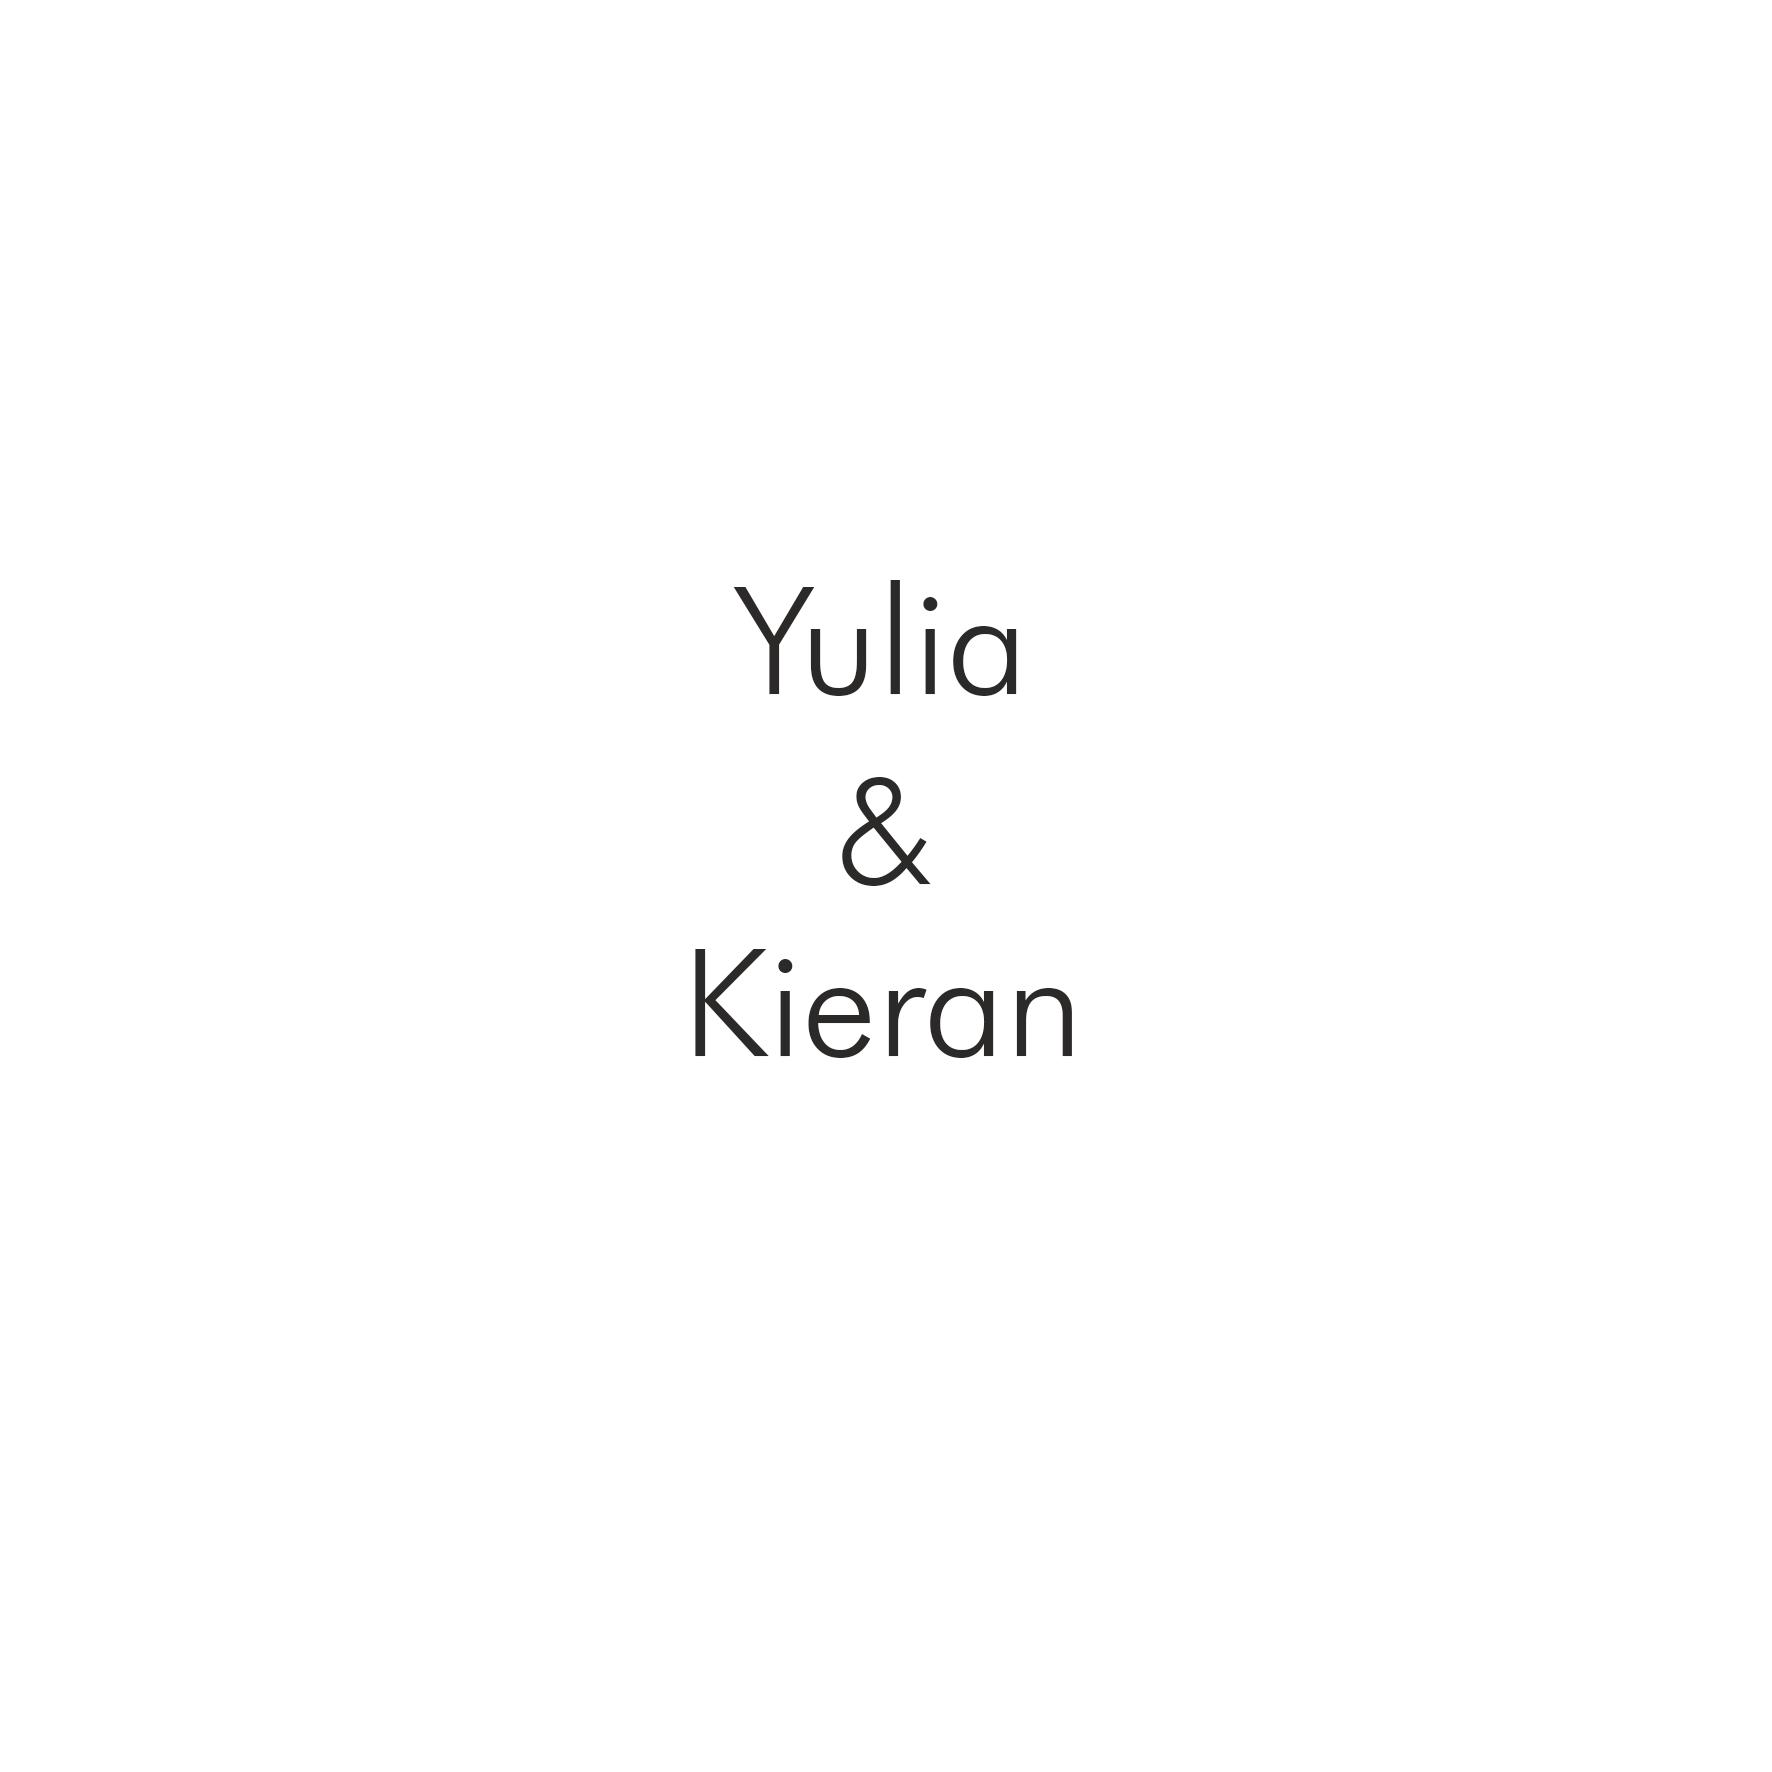 Yulia & Kieran.png